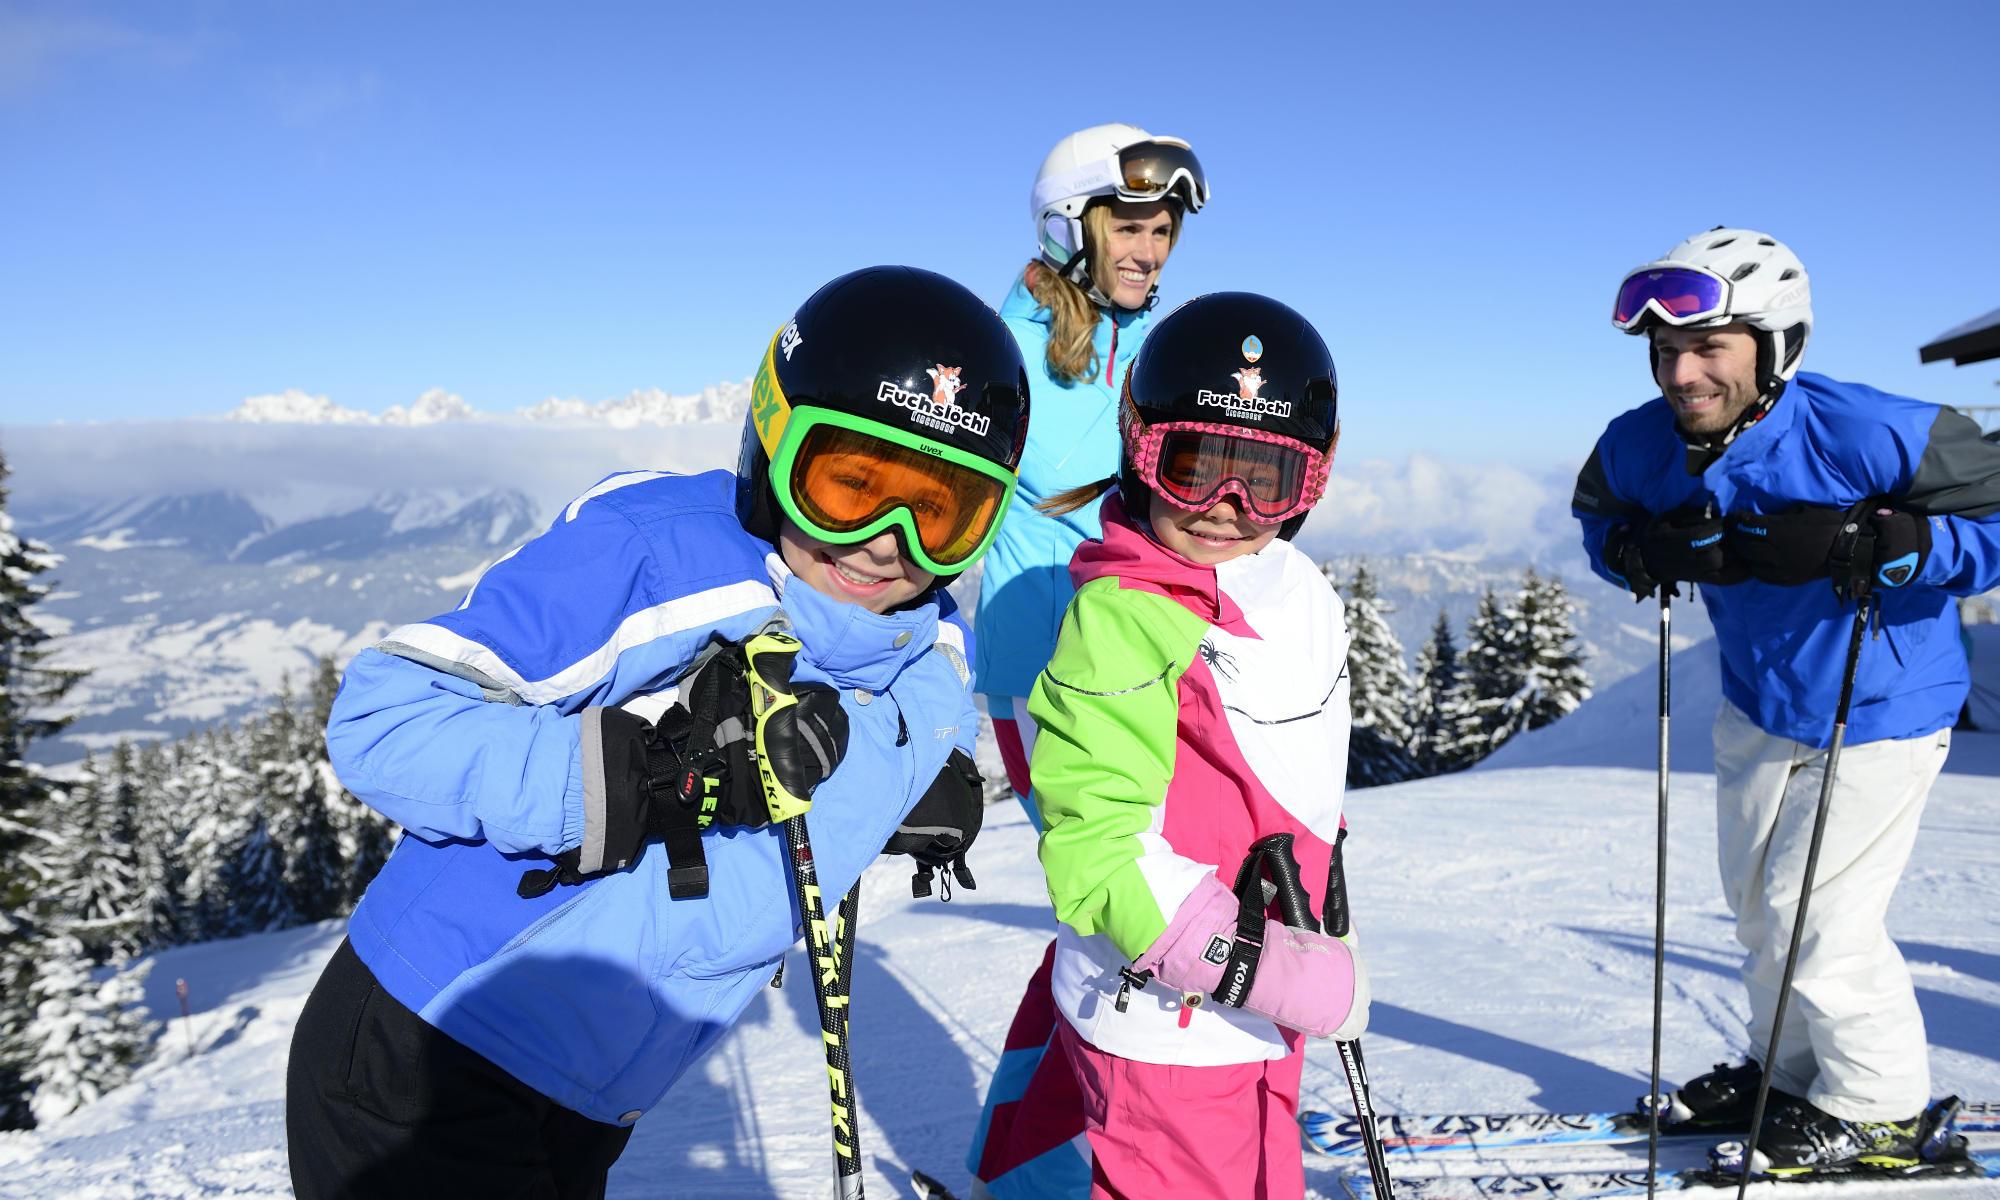 Une famille souriante sur une piste de ski.